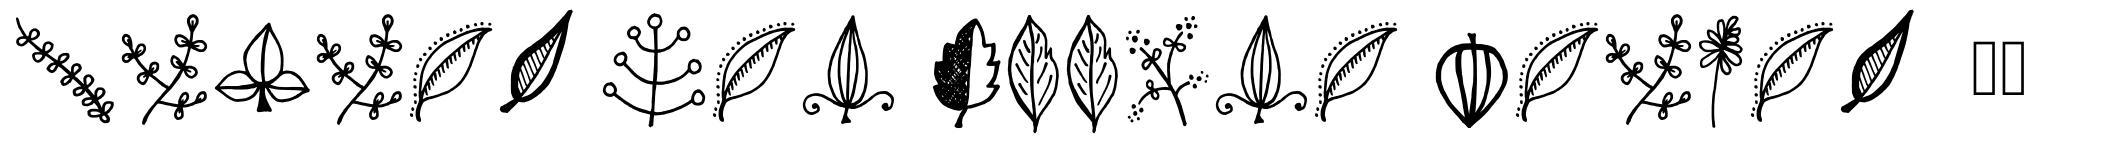 Tanaestel Doodle Leaves 01 font